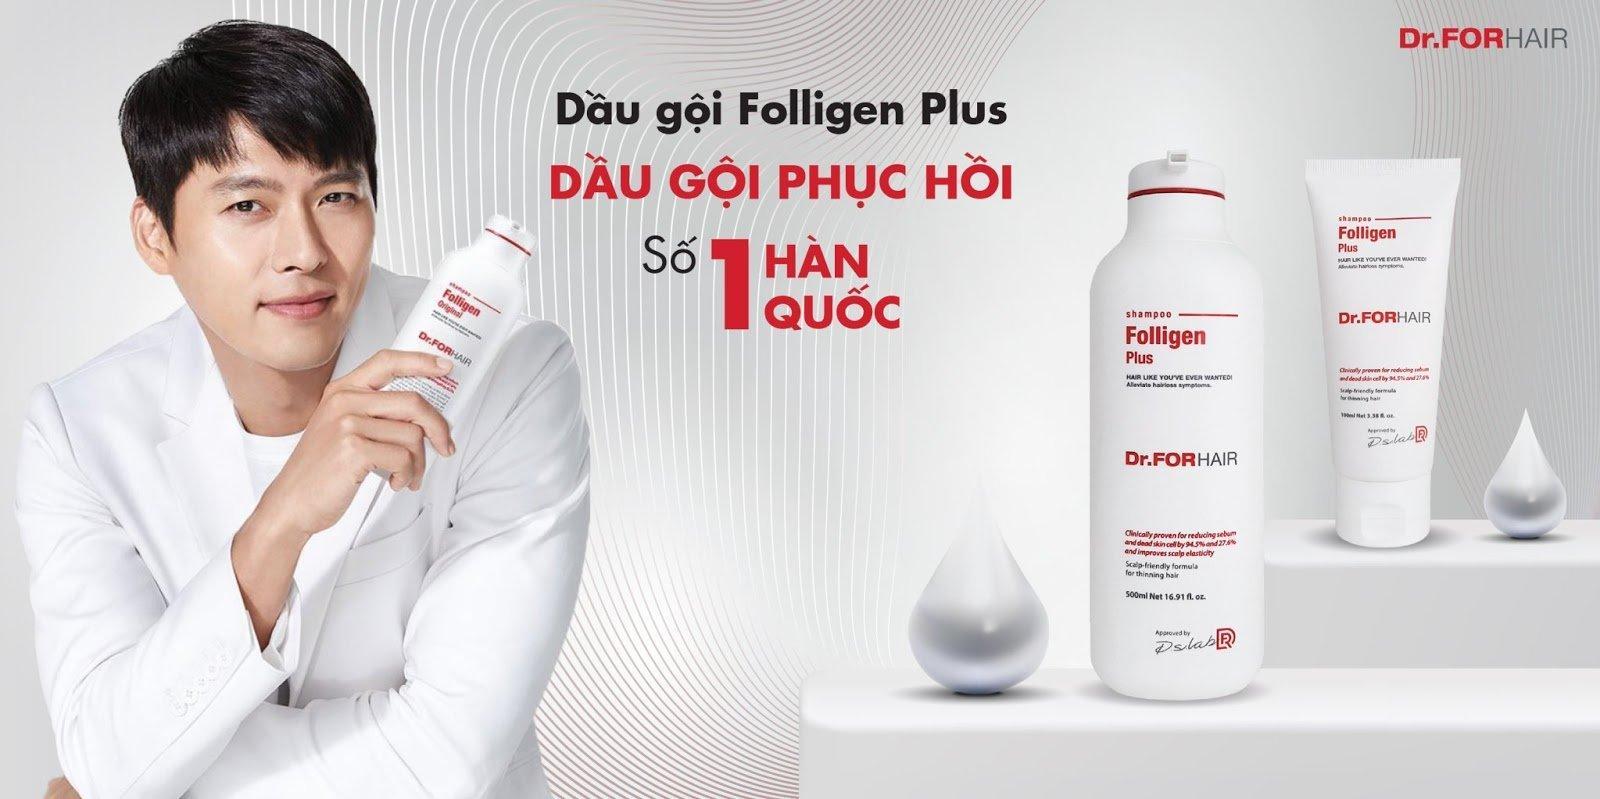 Dầu gội phục hồi Dr.ForHair Folligen được tin dùng tại Hàn Quốc